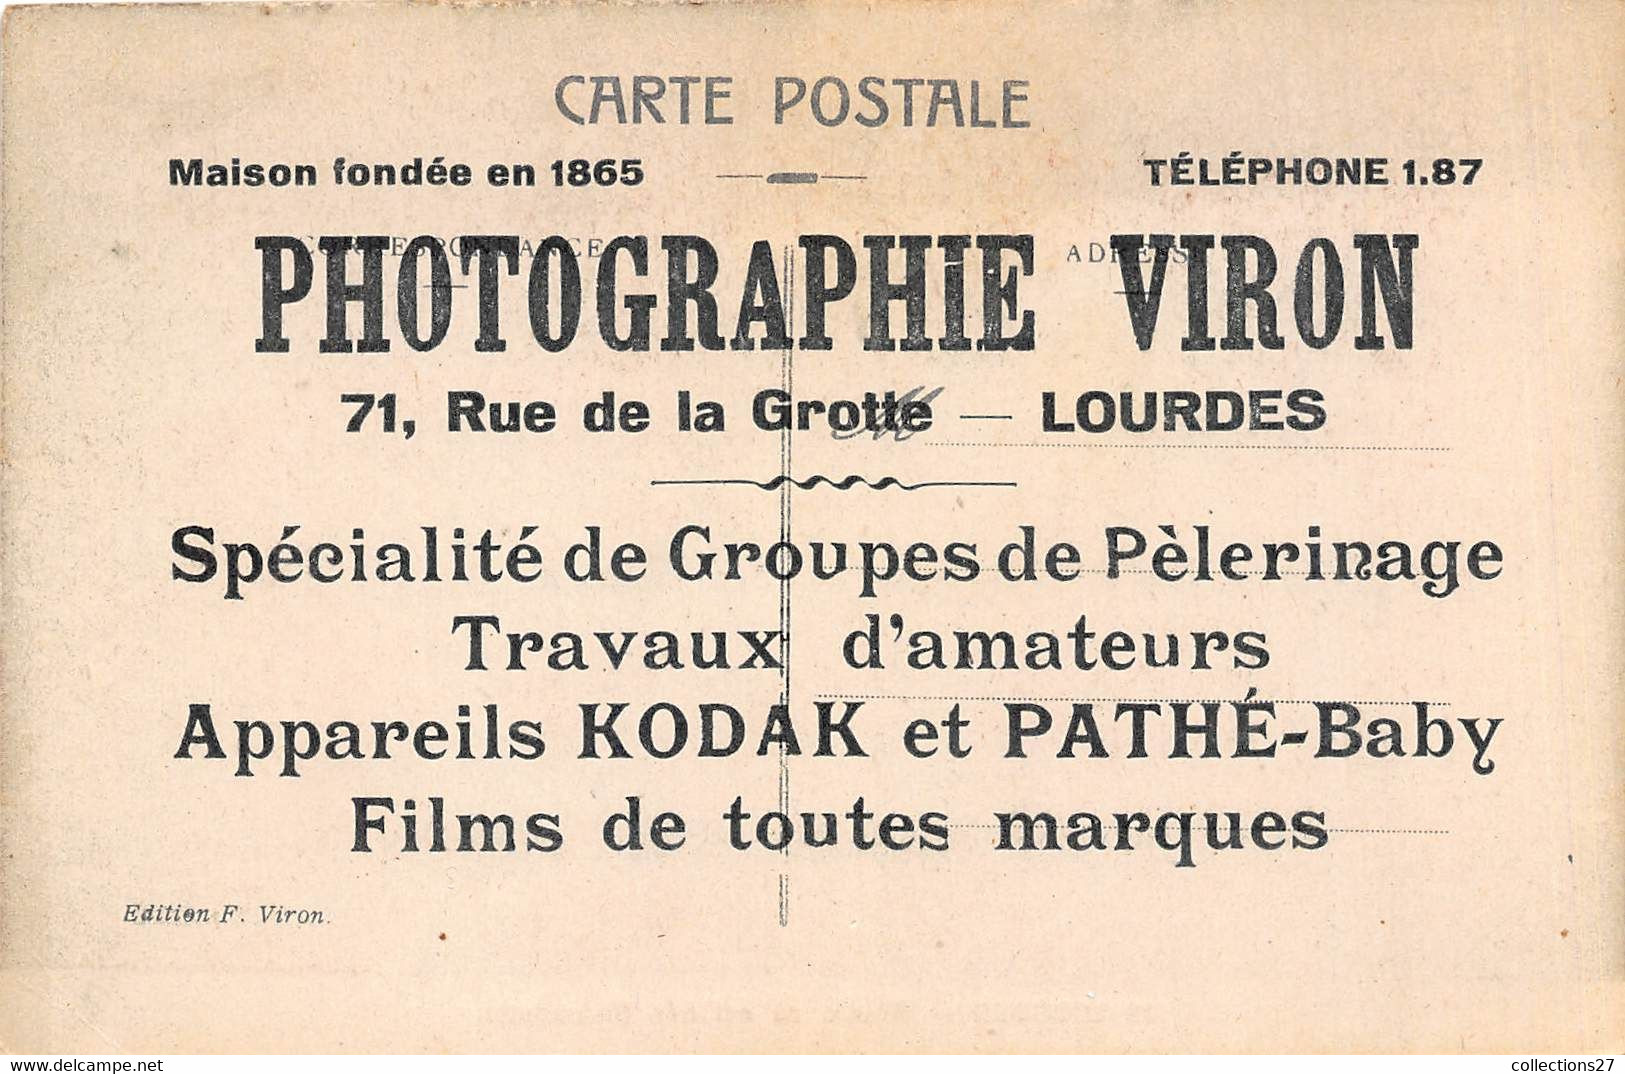 65-LOURDES- LOT DE 500 CARTES POSTALES ANCIENNES - QUELQUES EXEMPLES - 500 Postcards Min.